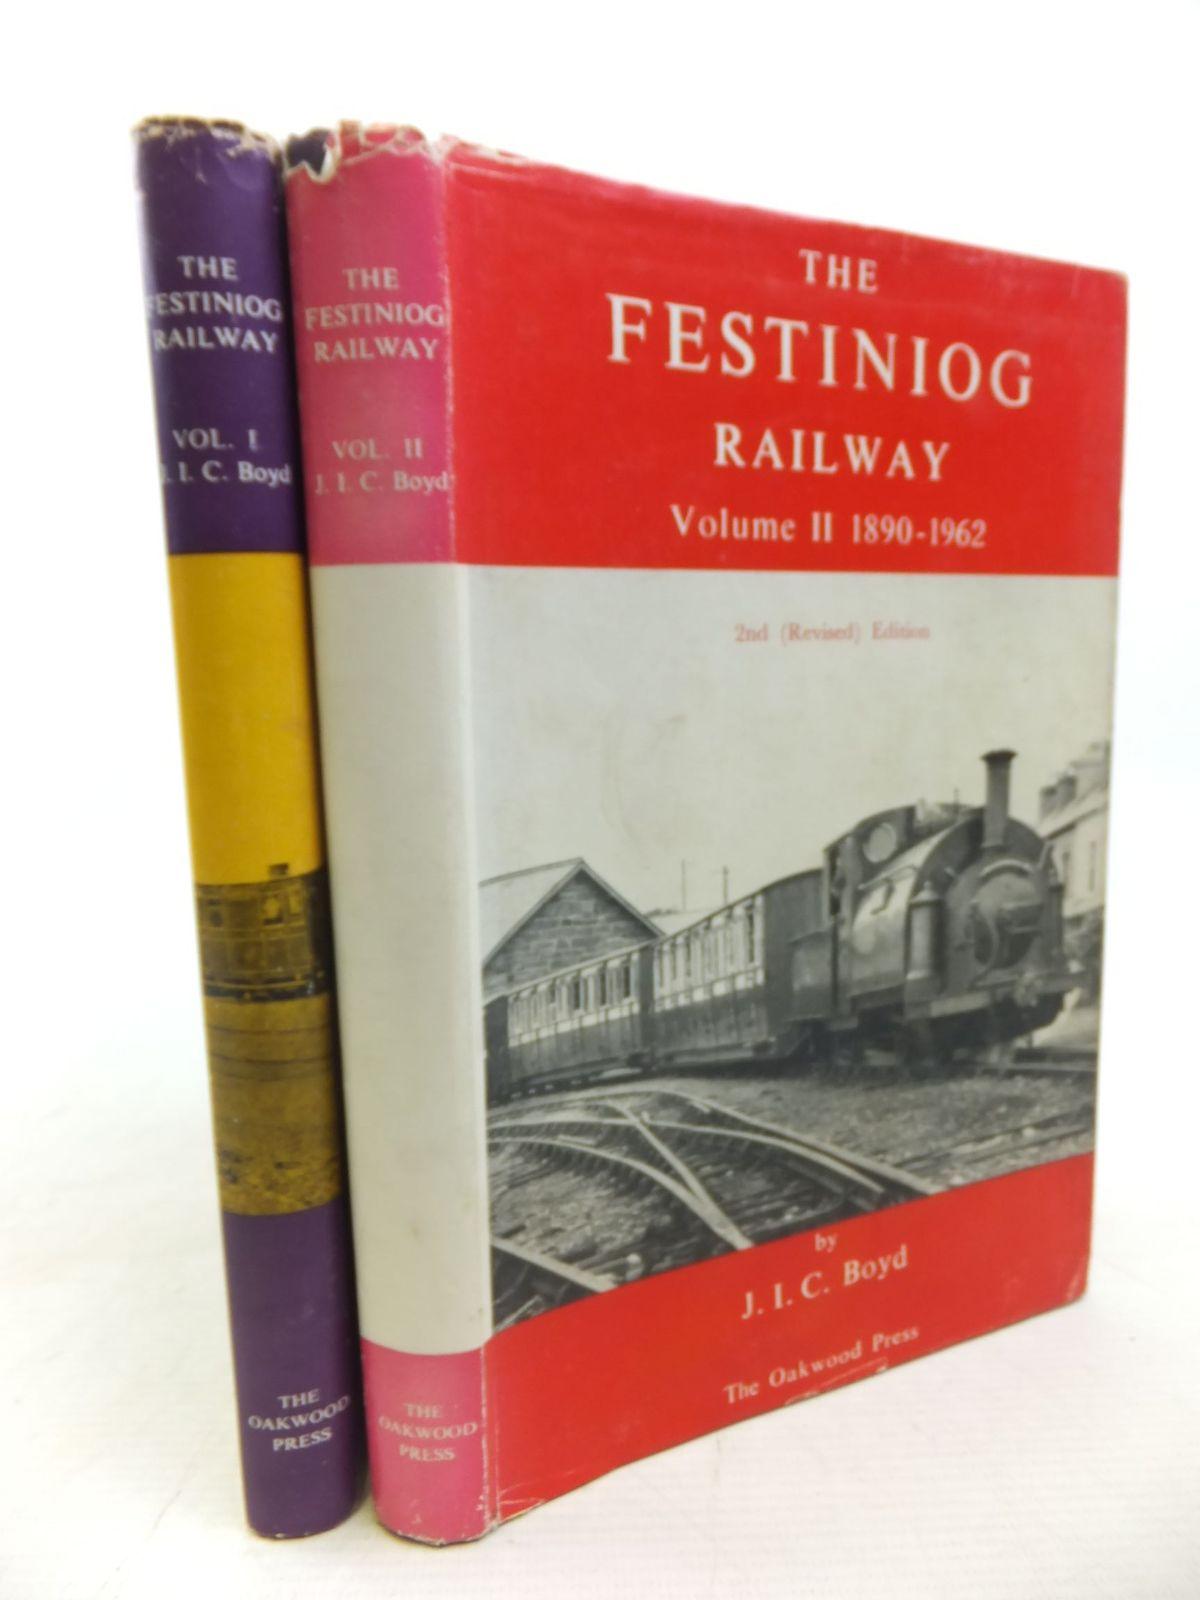 The Festiniog Railway